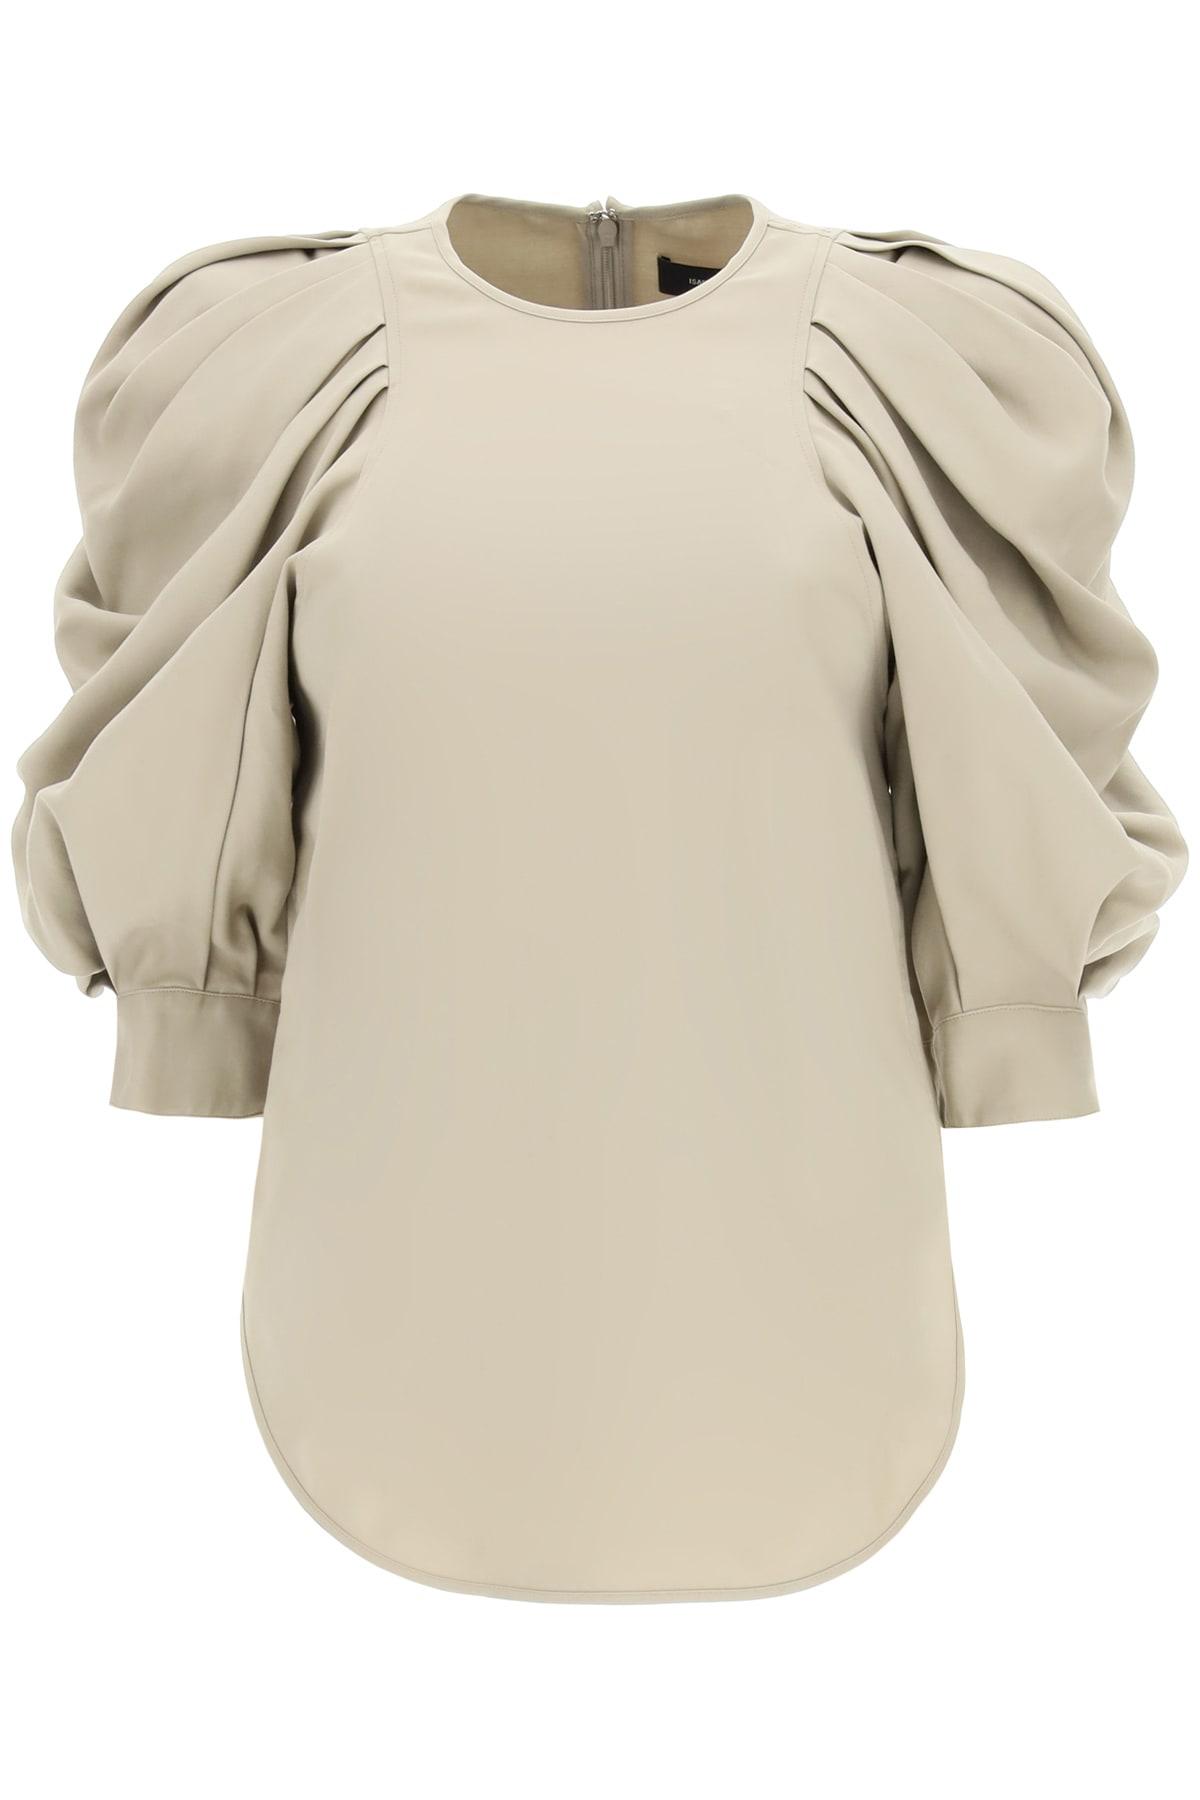 Isabel Marant Shirts SURYA TOP